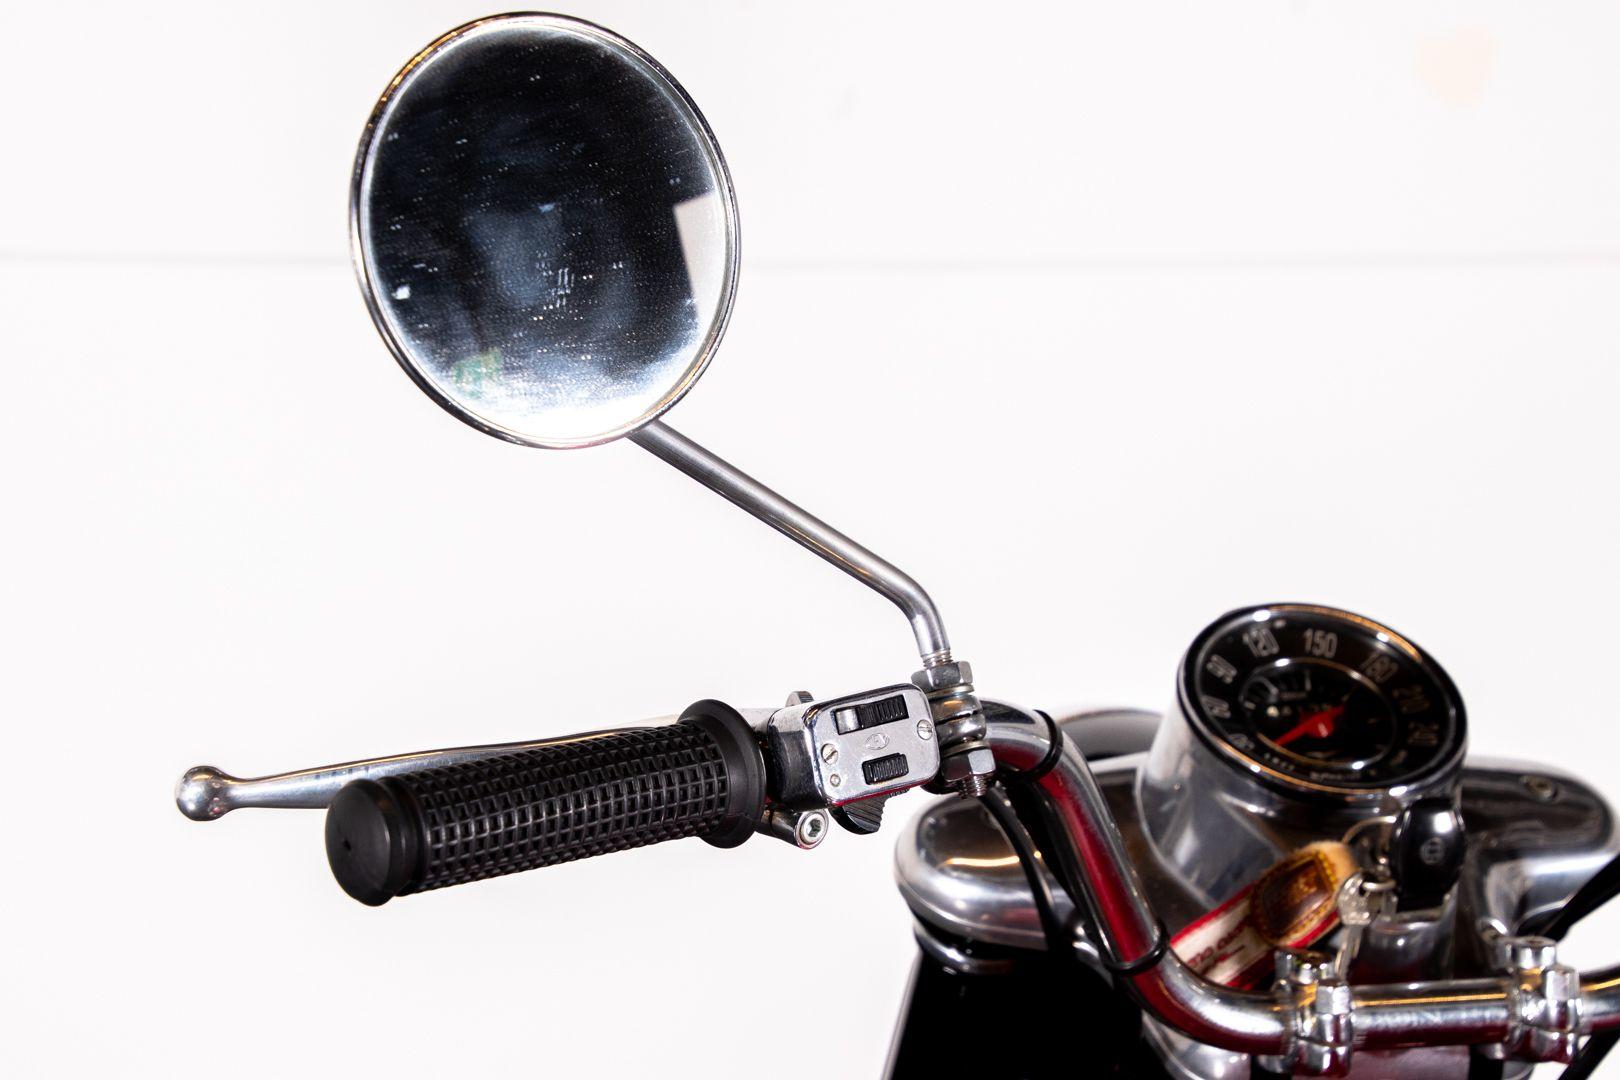 1969 MOTO GUZZI V7 VS 48649